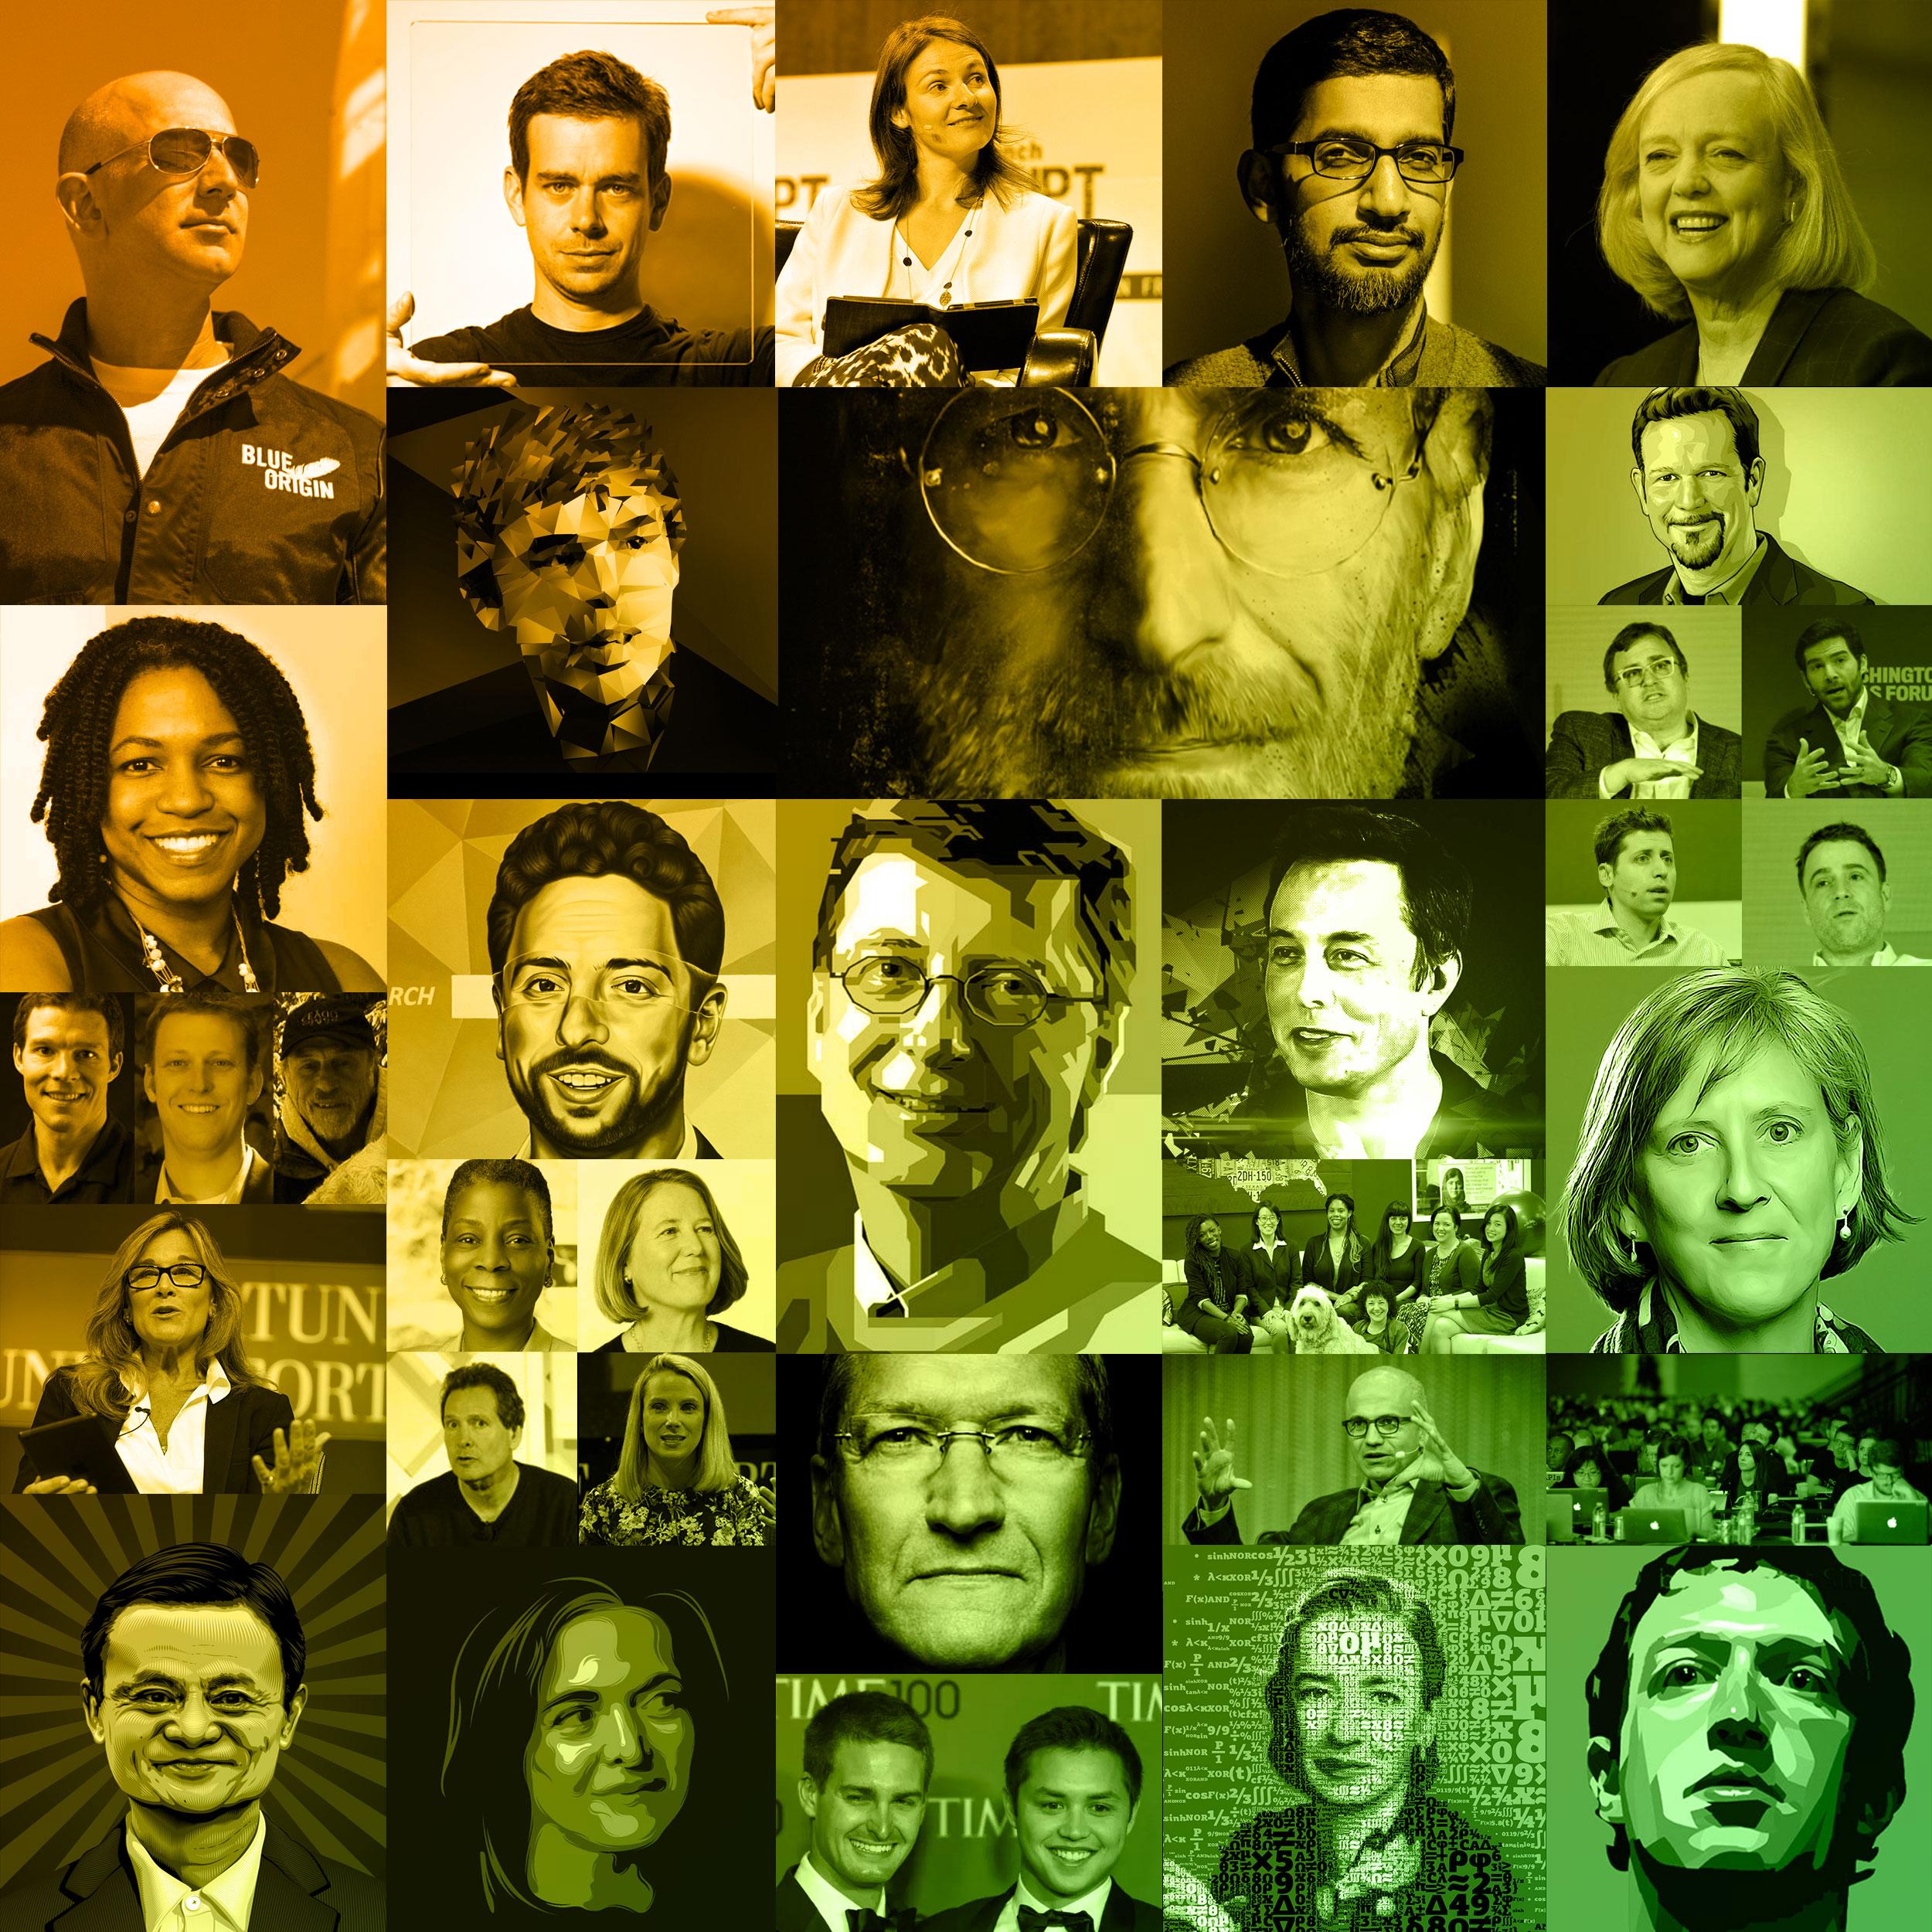 TechCrunch Collage 2500x2500.jpg